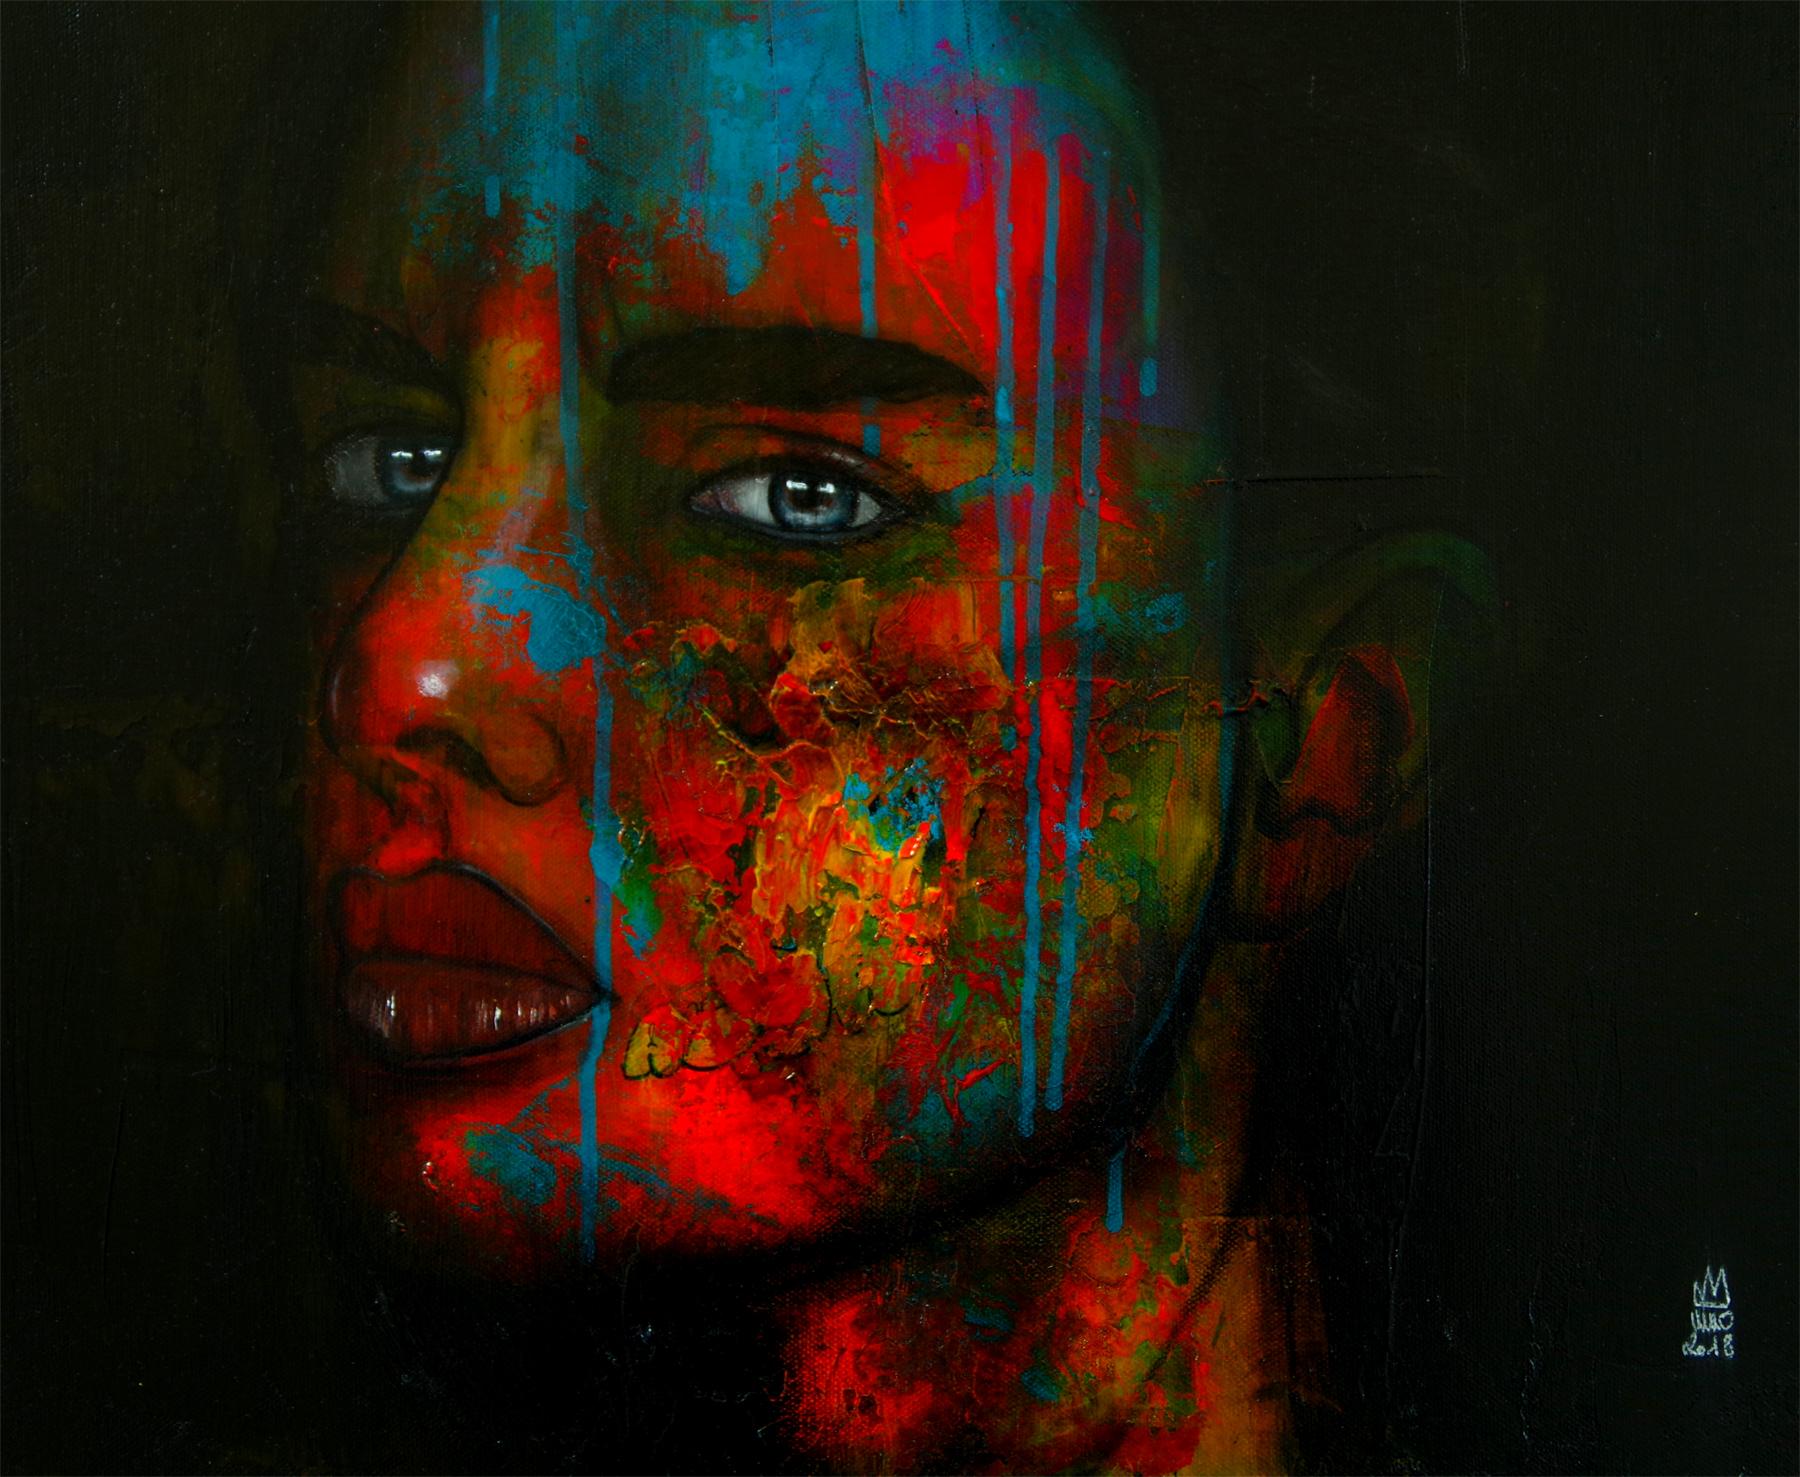 Femme au regard mélancolique